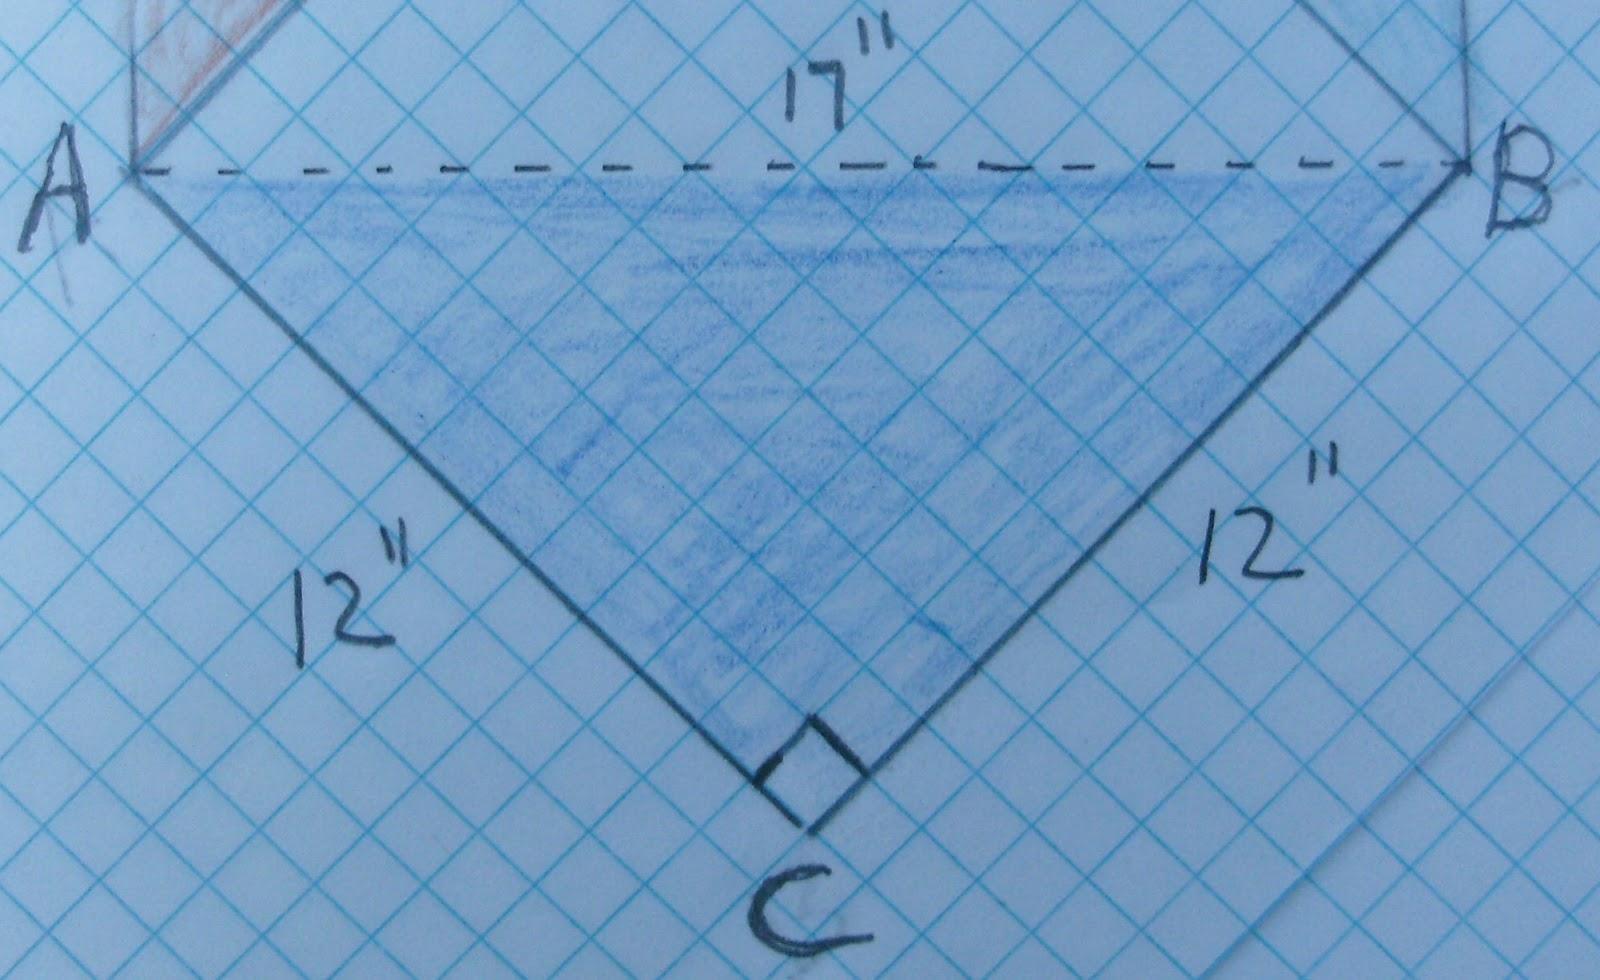 Excel Pythagorean Theorem Problems Pythagoras math word problems ...